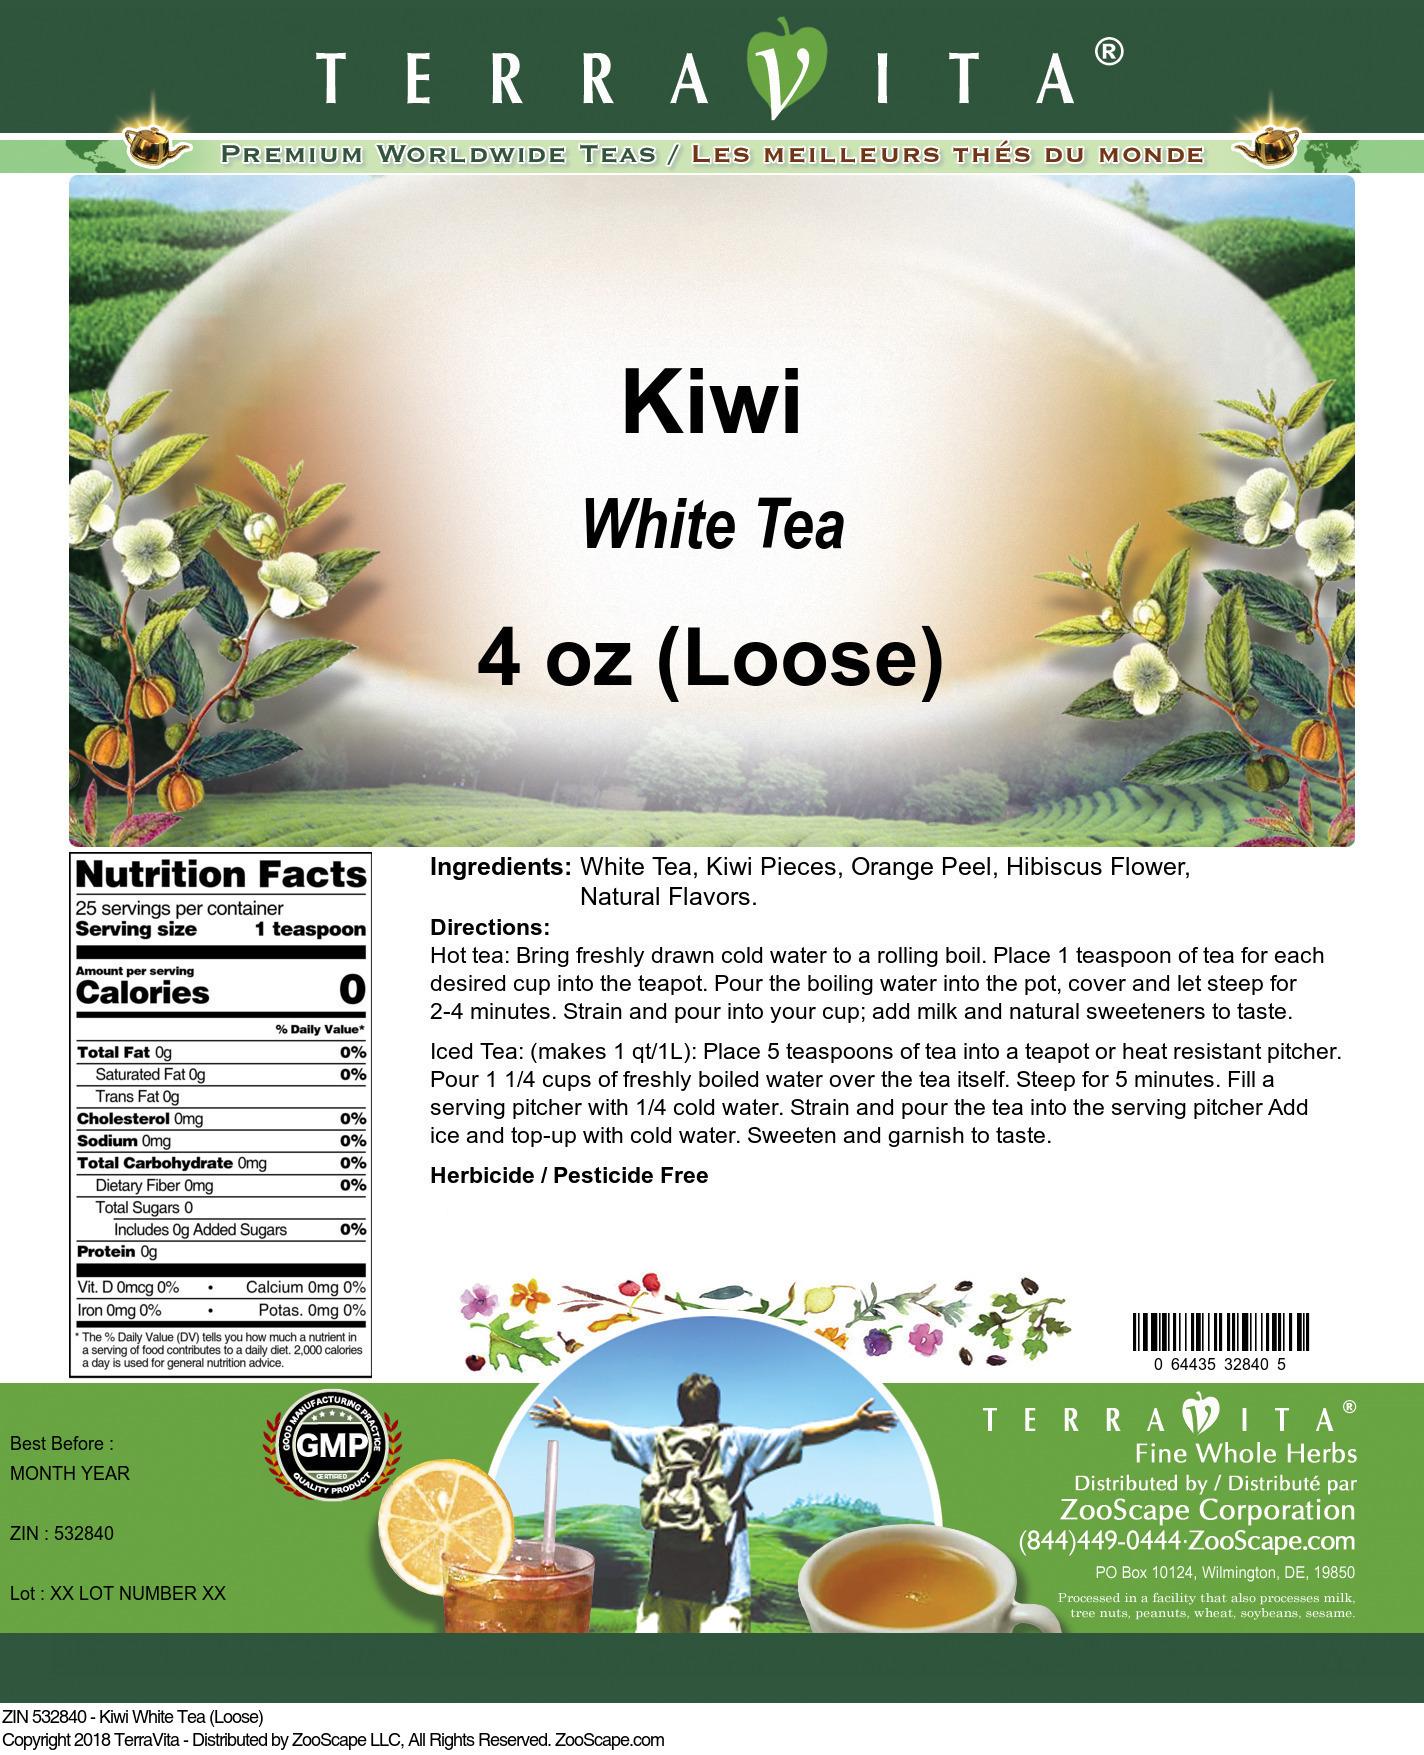 Kiwi White Tea (Loose)